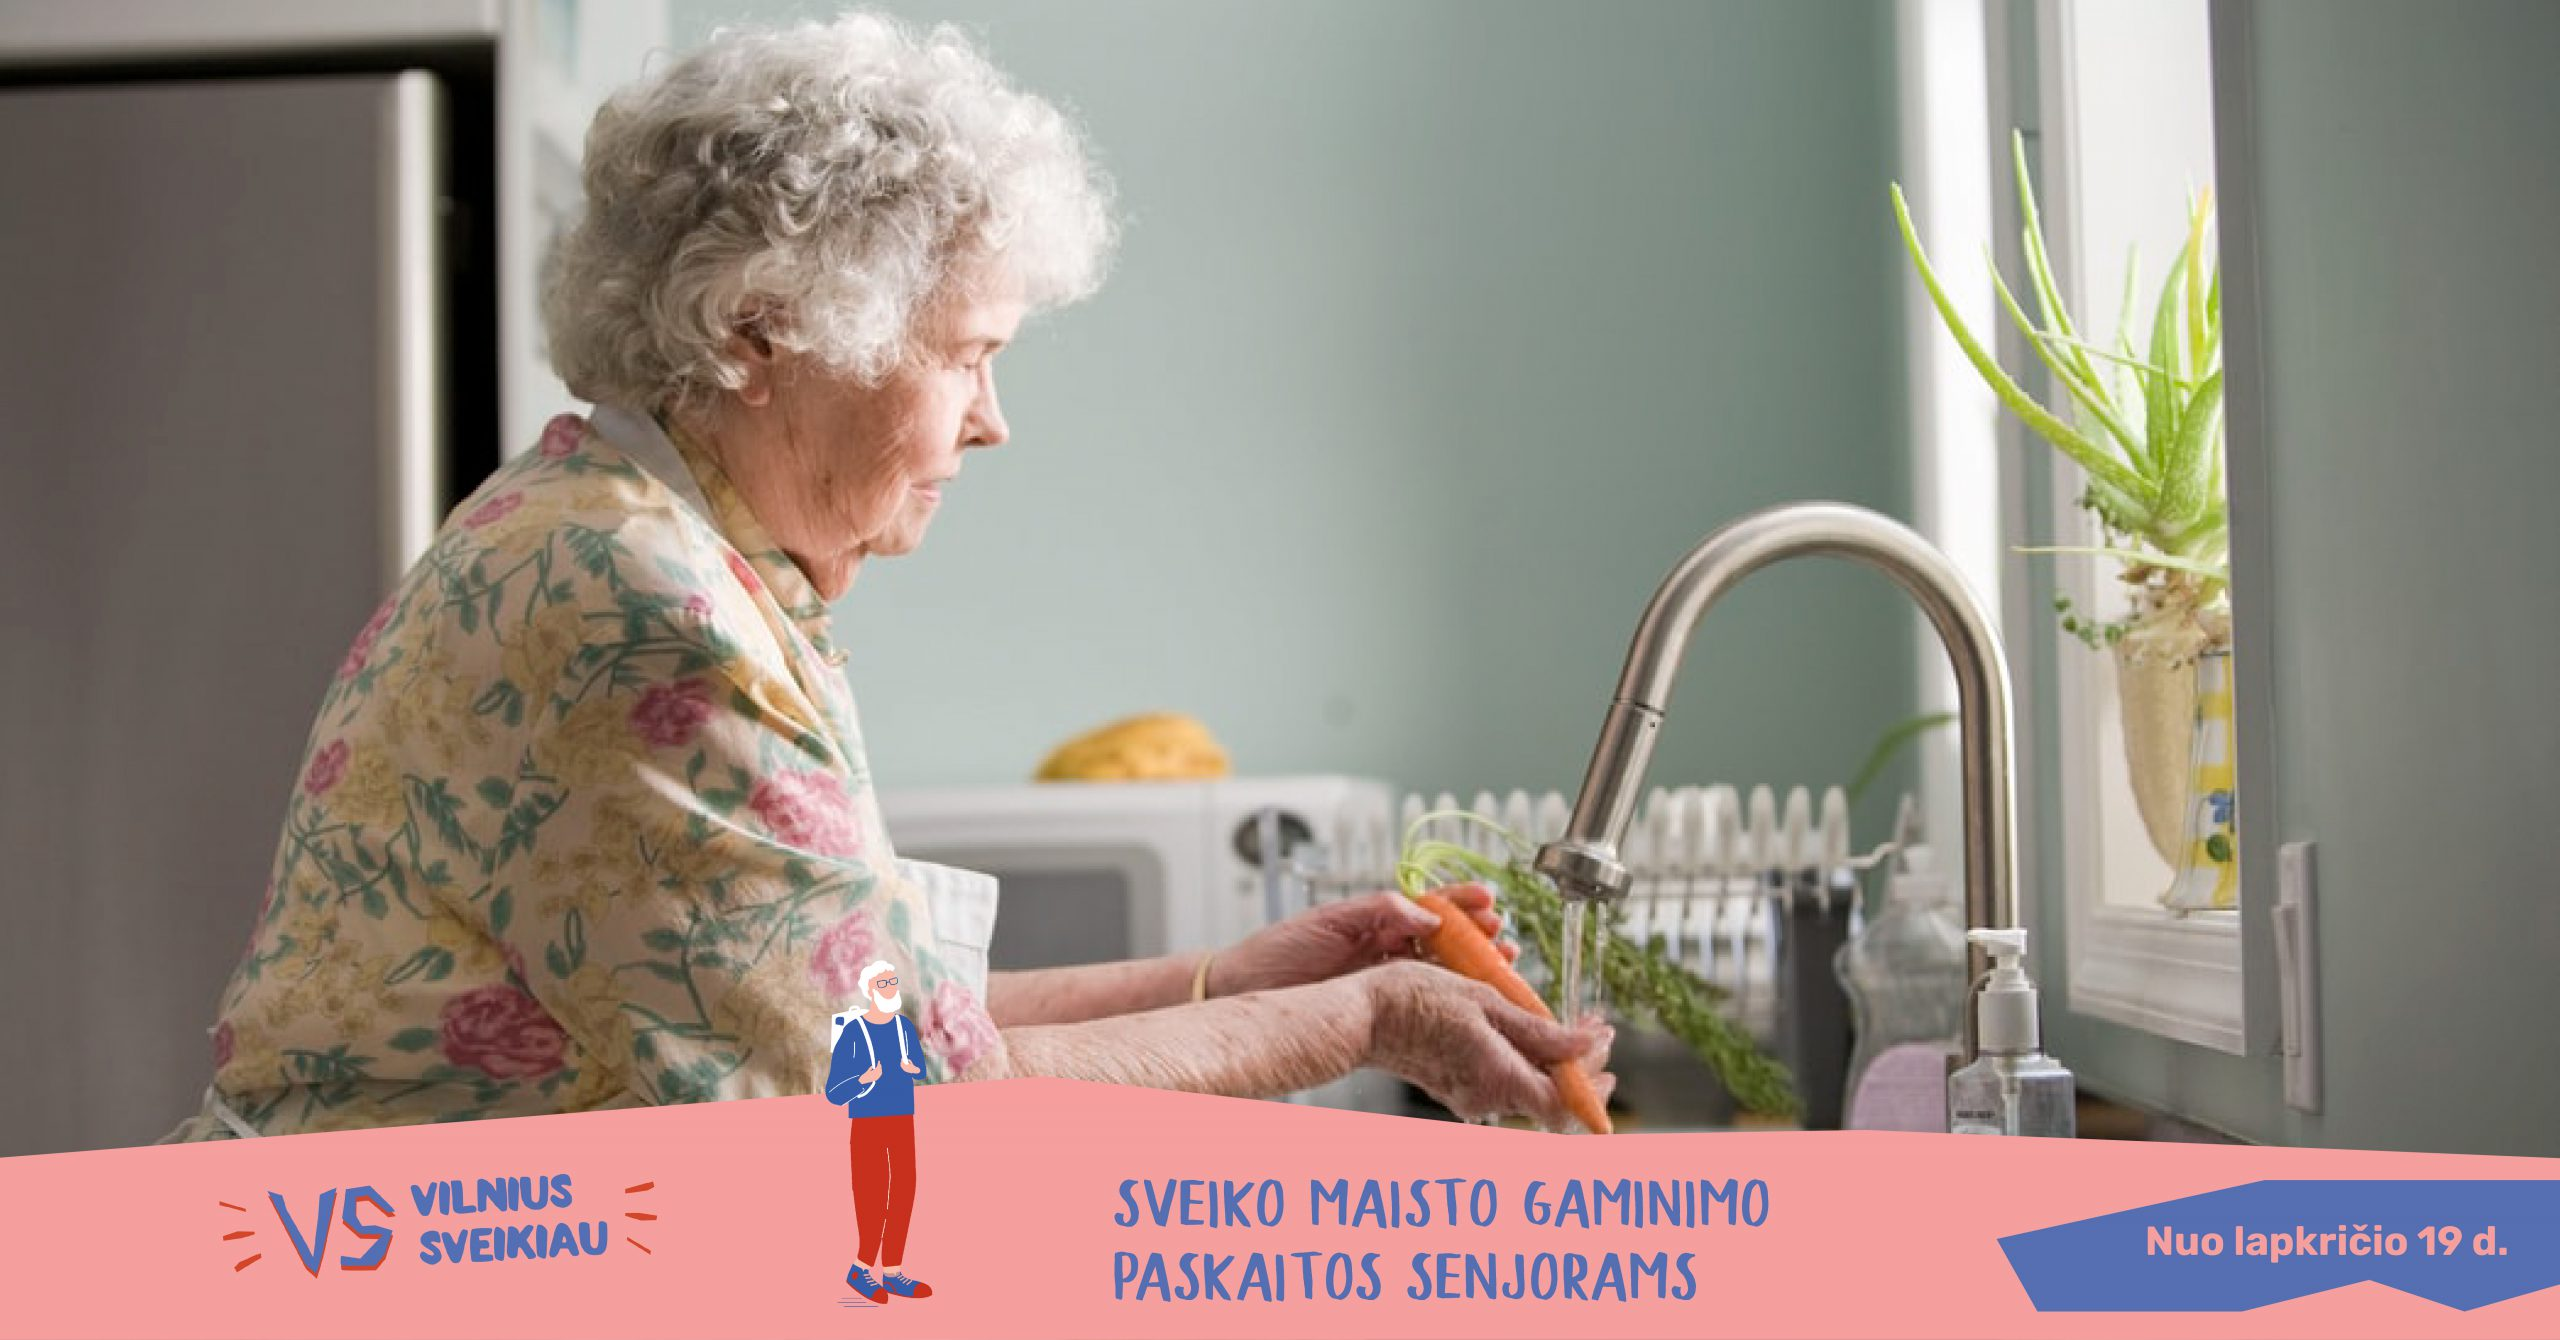 vaizdo paskaitos apie hipertenziją)